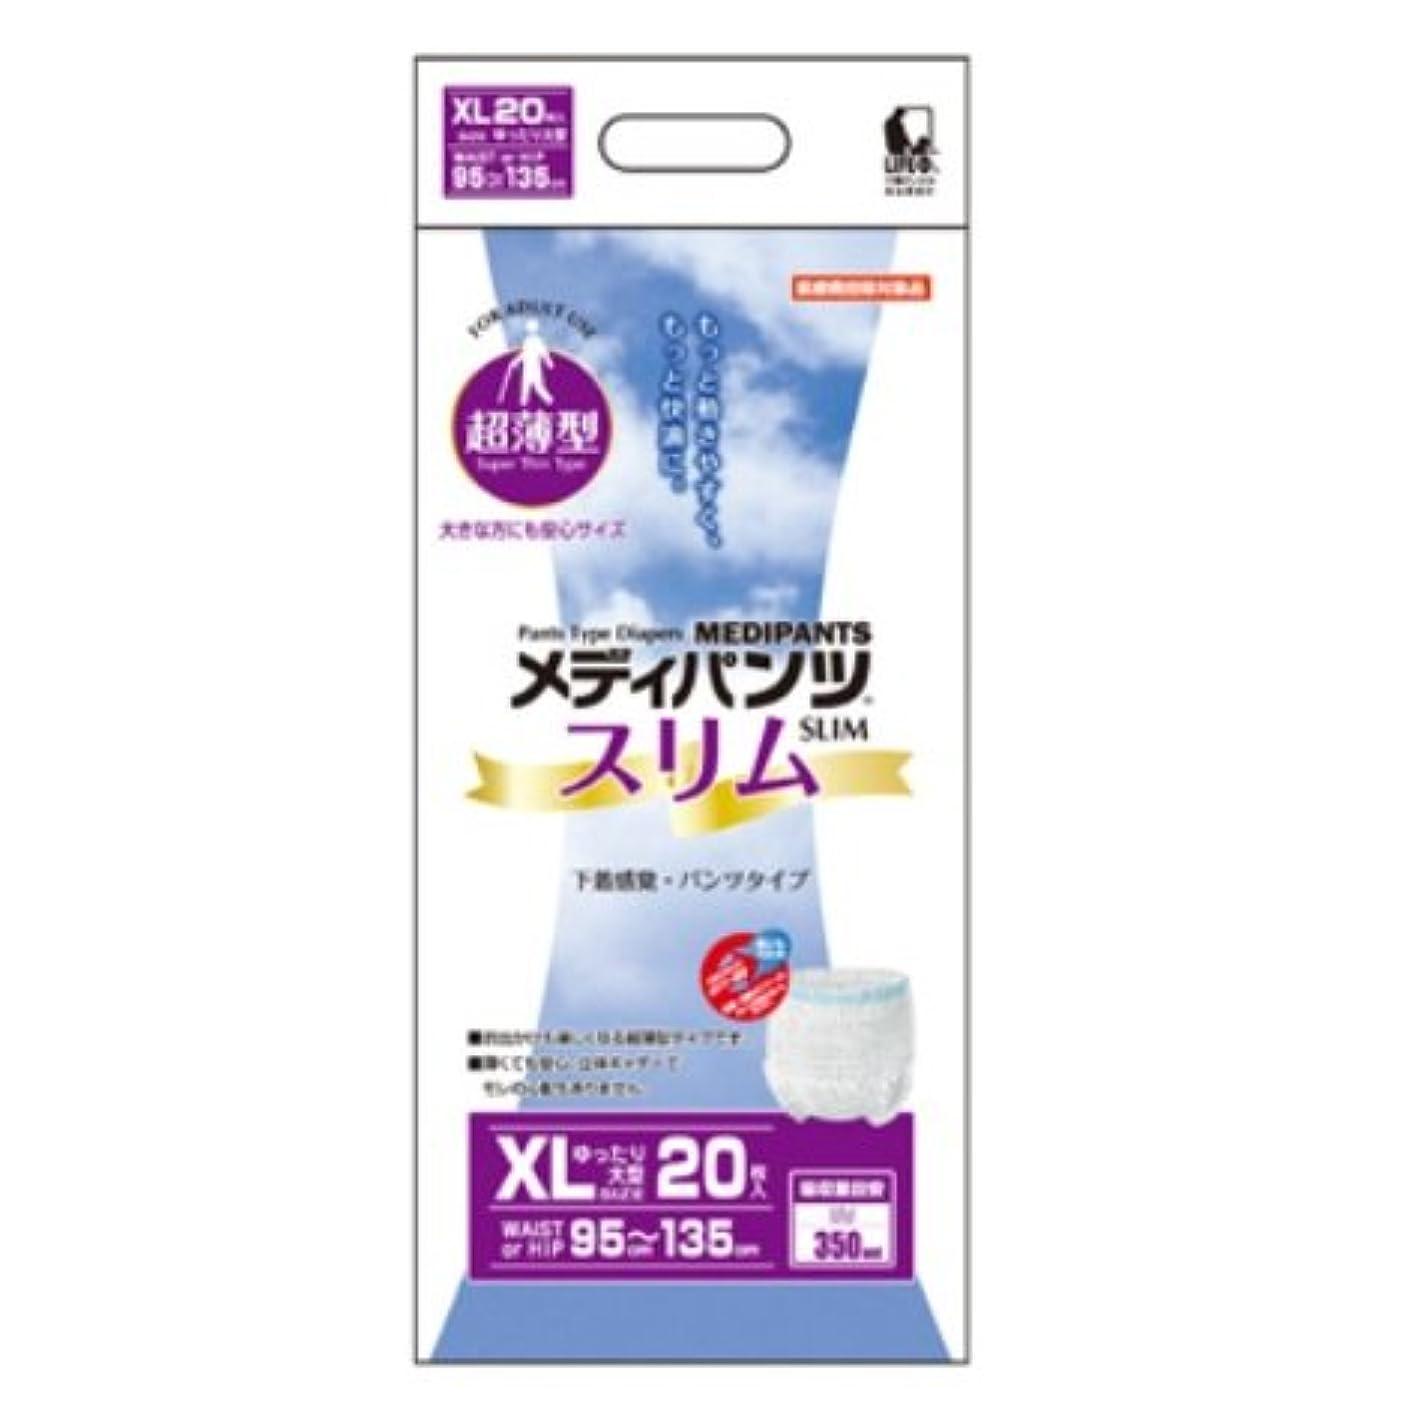 水素カフェクレデンシャル近澤製紙 チカザワ メディパンツスリム XL20 1ケース(4袋)セット売り